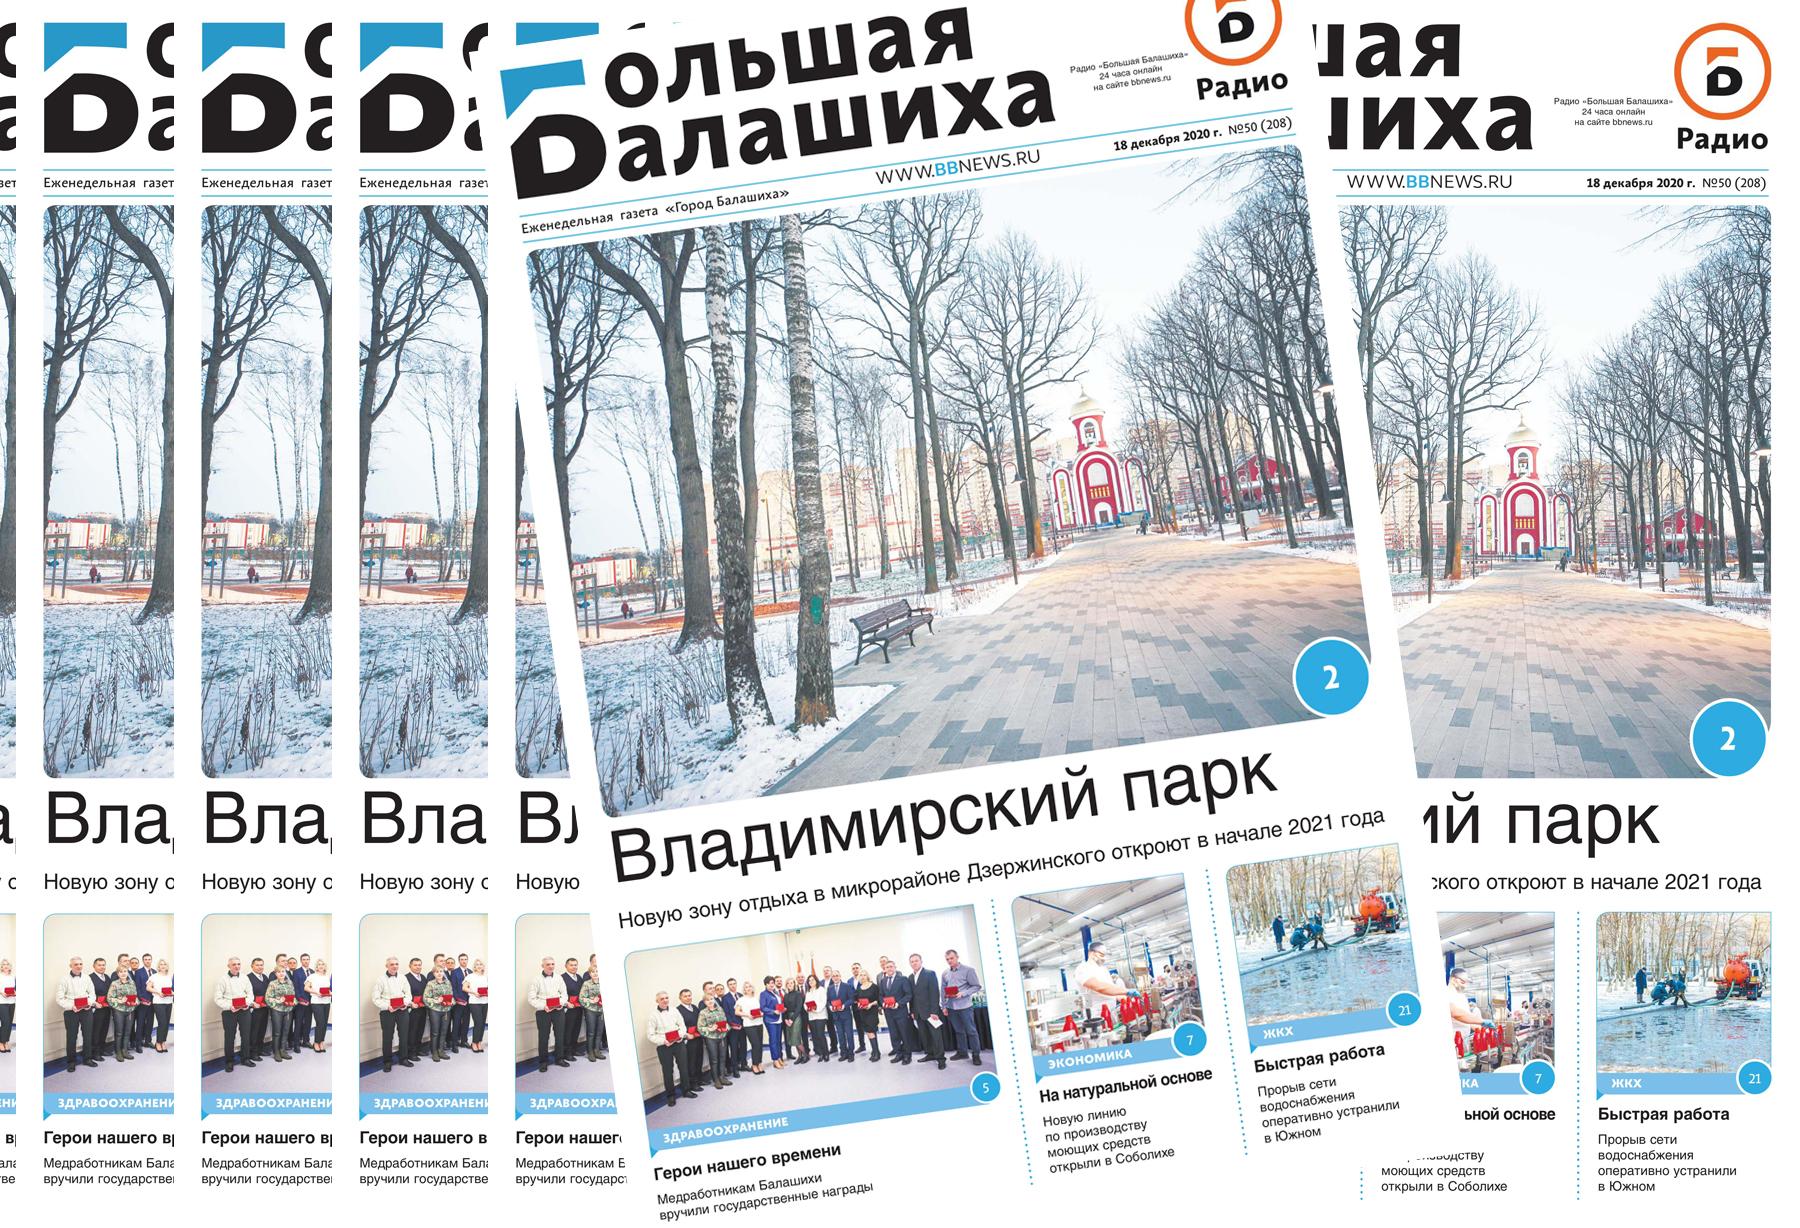 Вышла газета «Город Балашиха» №50 (208)